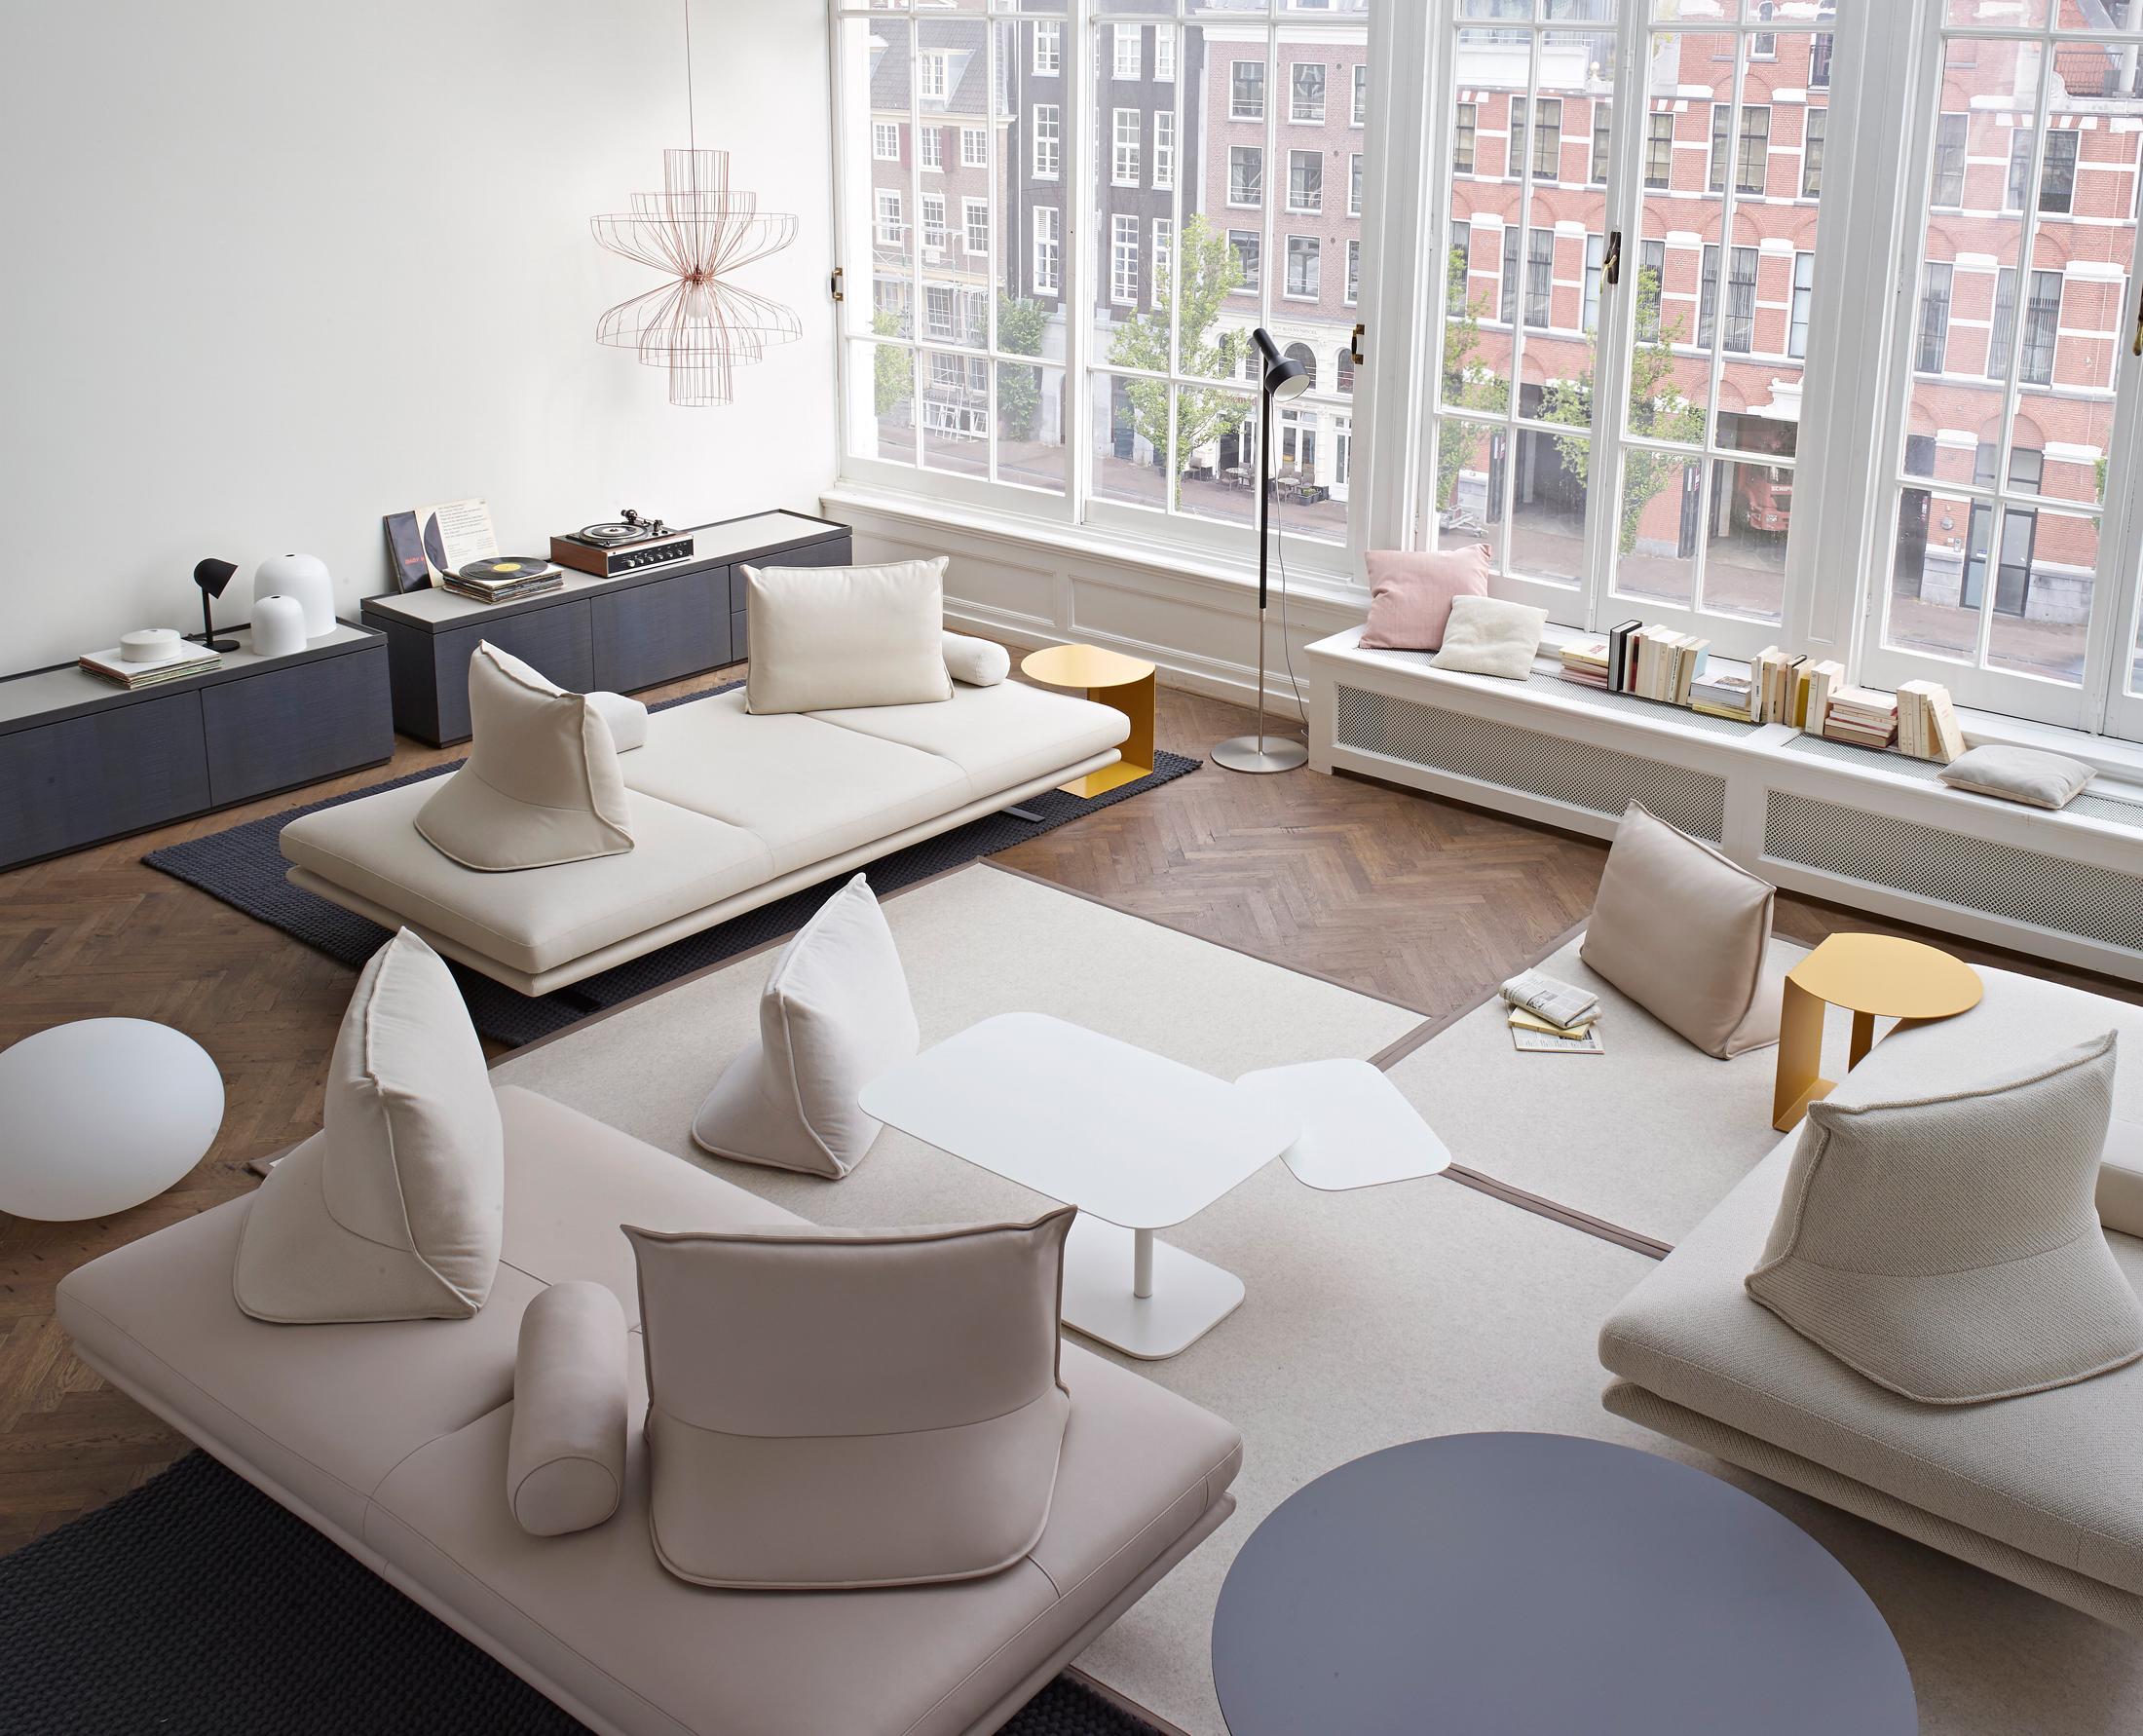 Wohnzimmer ideen  Beigefarbenes Wohnzimmer • Bilder & Ideen • COUCHstyle